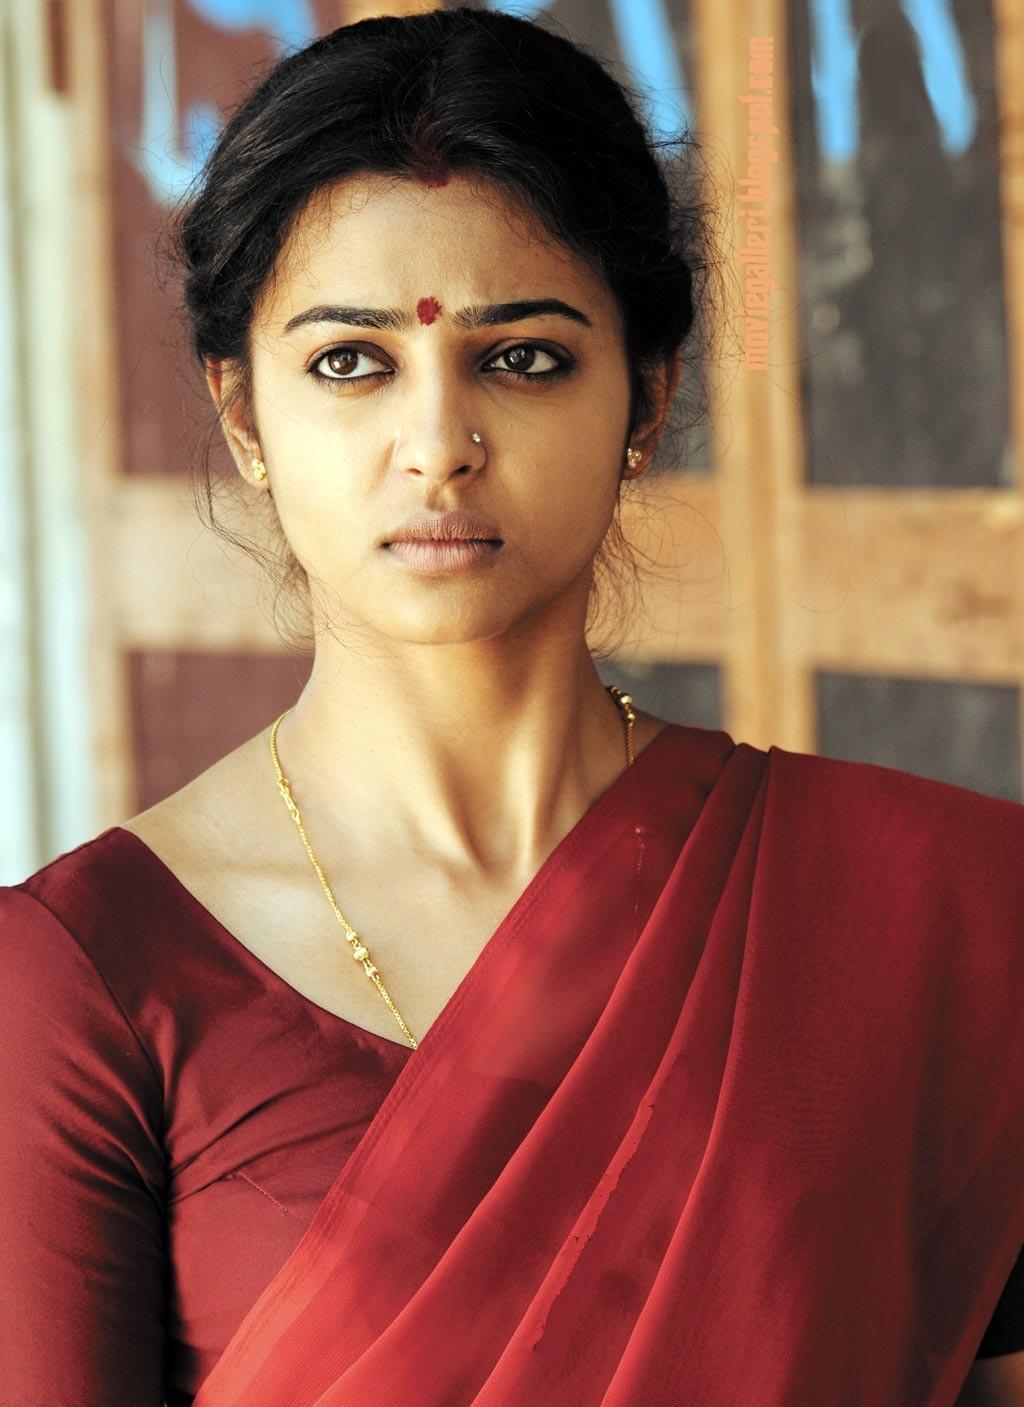 Desi Babes Radhika Apte Rakta Charitra Actress Panjabi Herione-8608